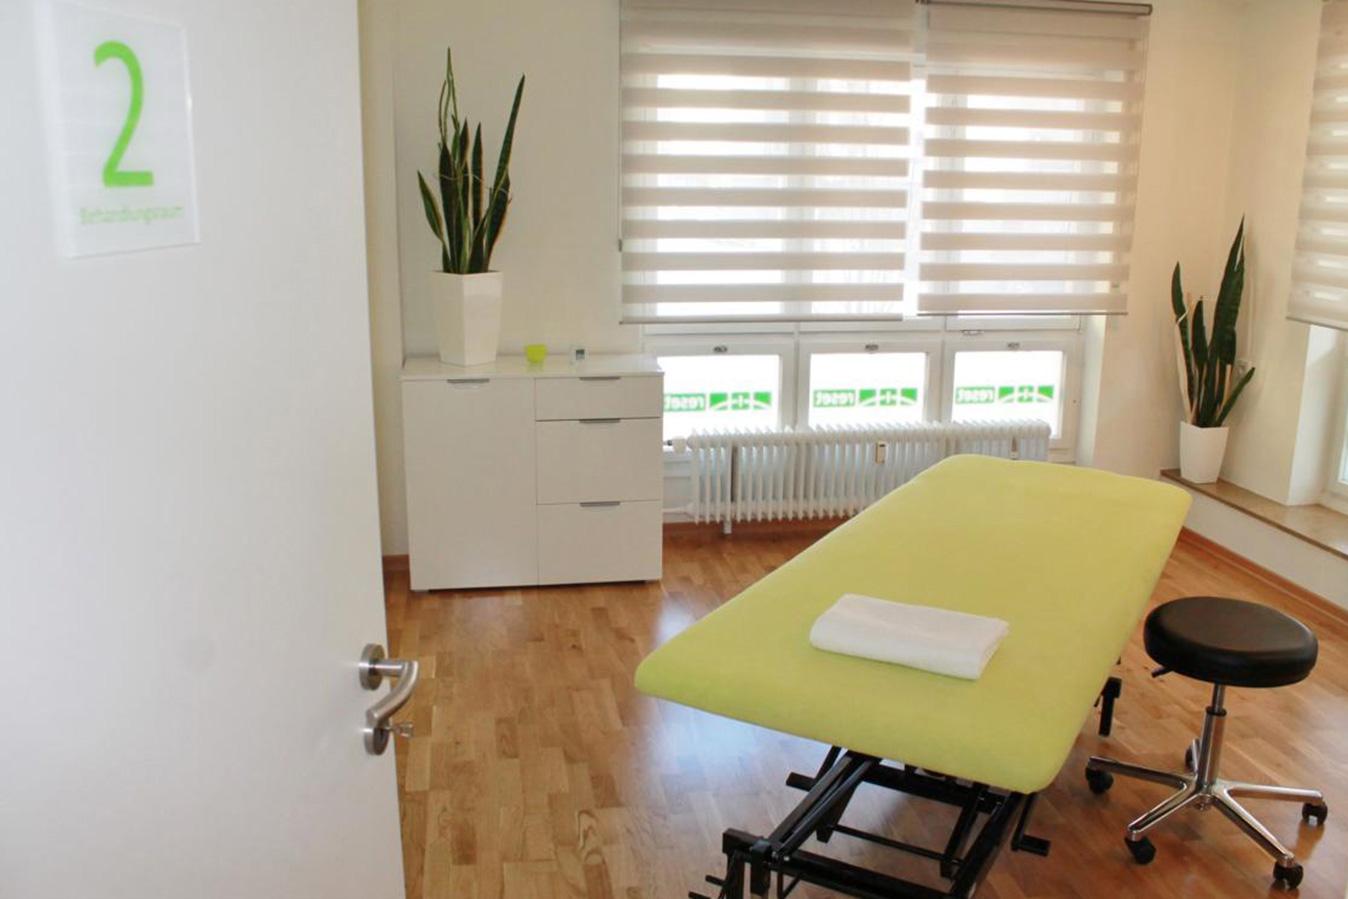 physiotherapie praxis standorte stuttgart s d und west. Black Bedroom Furniture Sets. Home Design Ideas